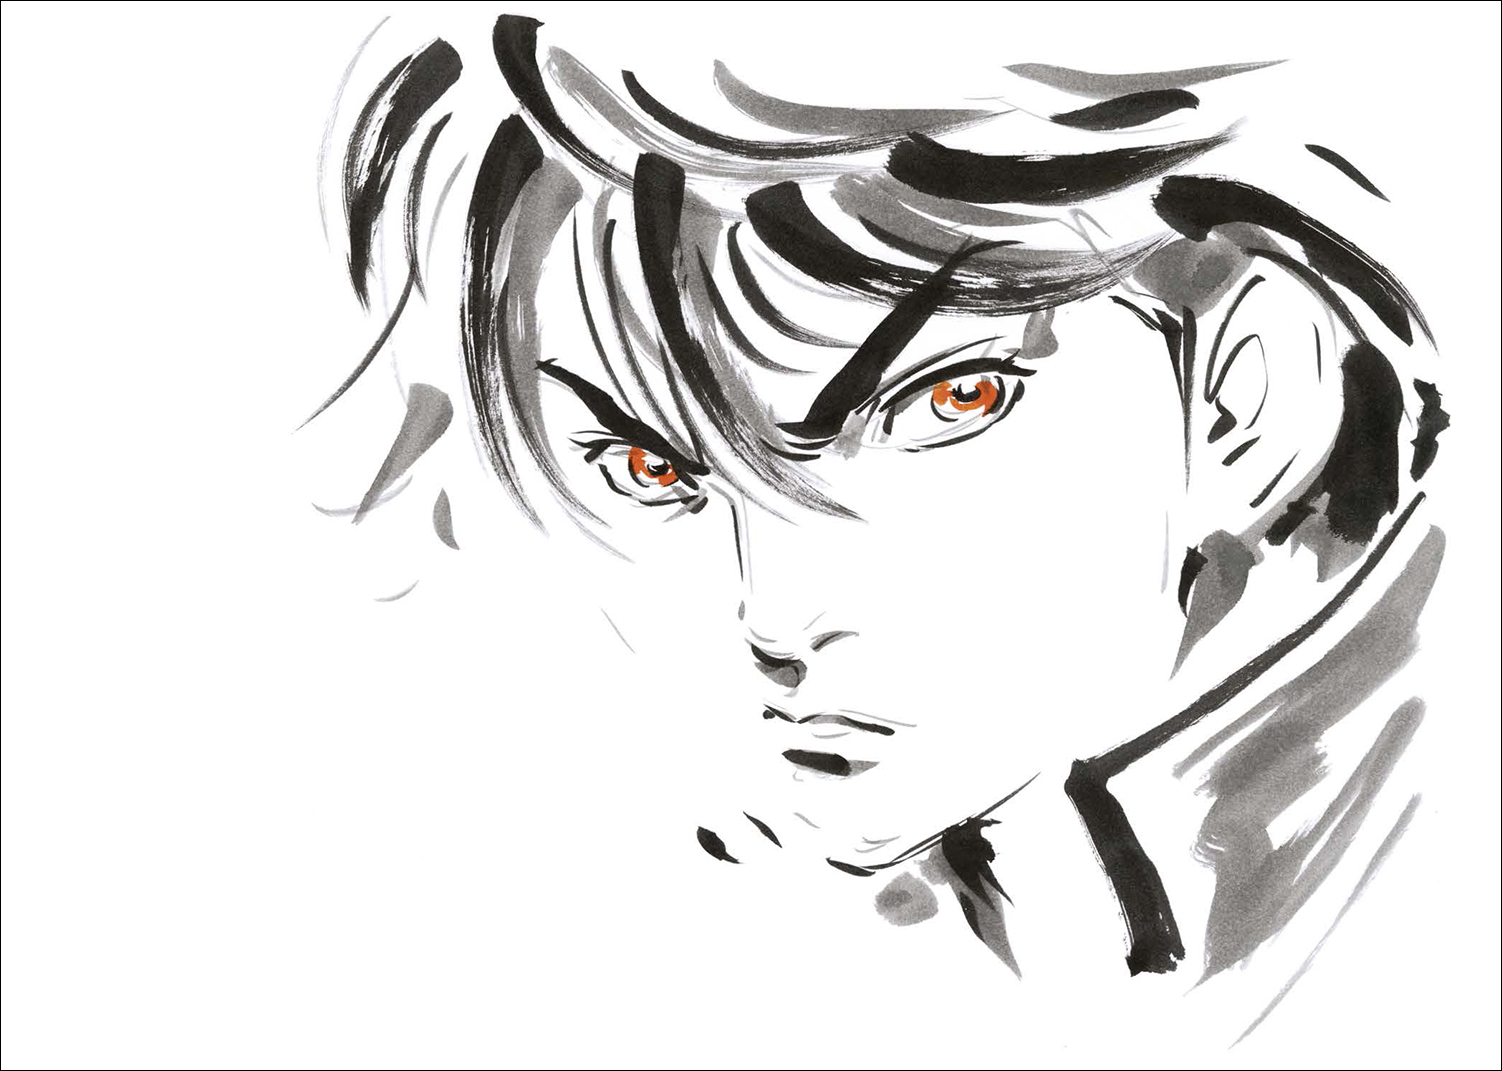 表情を考えて顔を描く | アニメキャラクターの作画&デザインテクニック